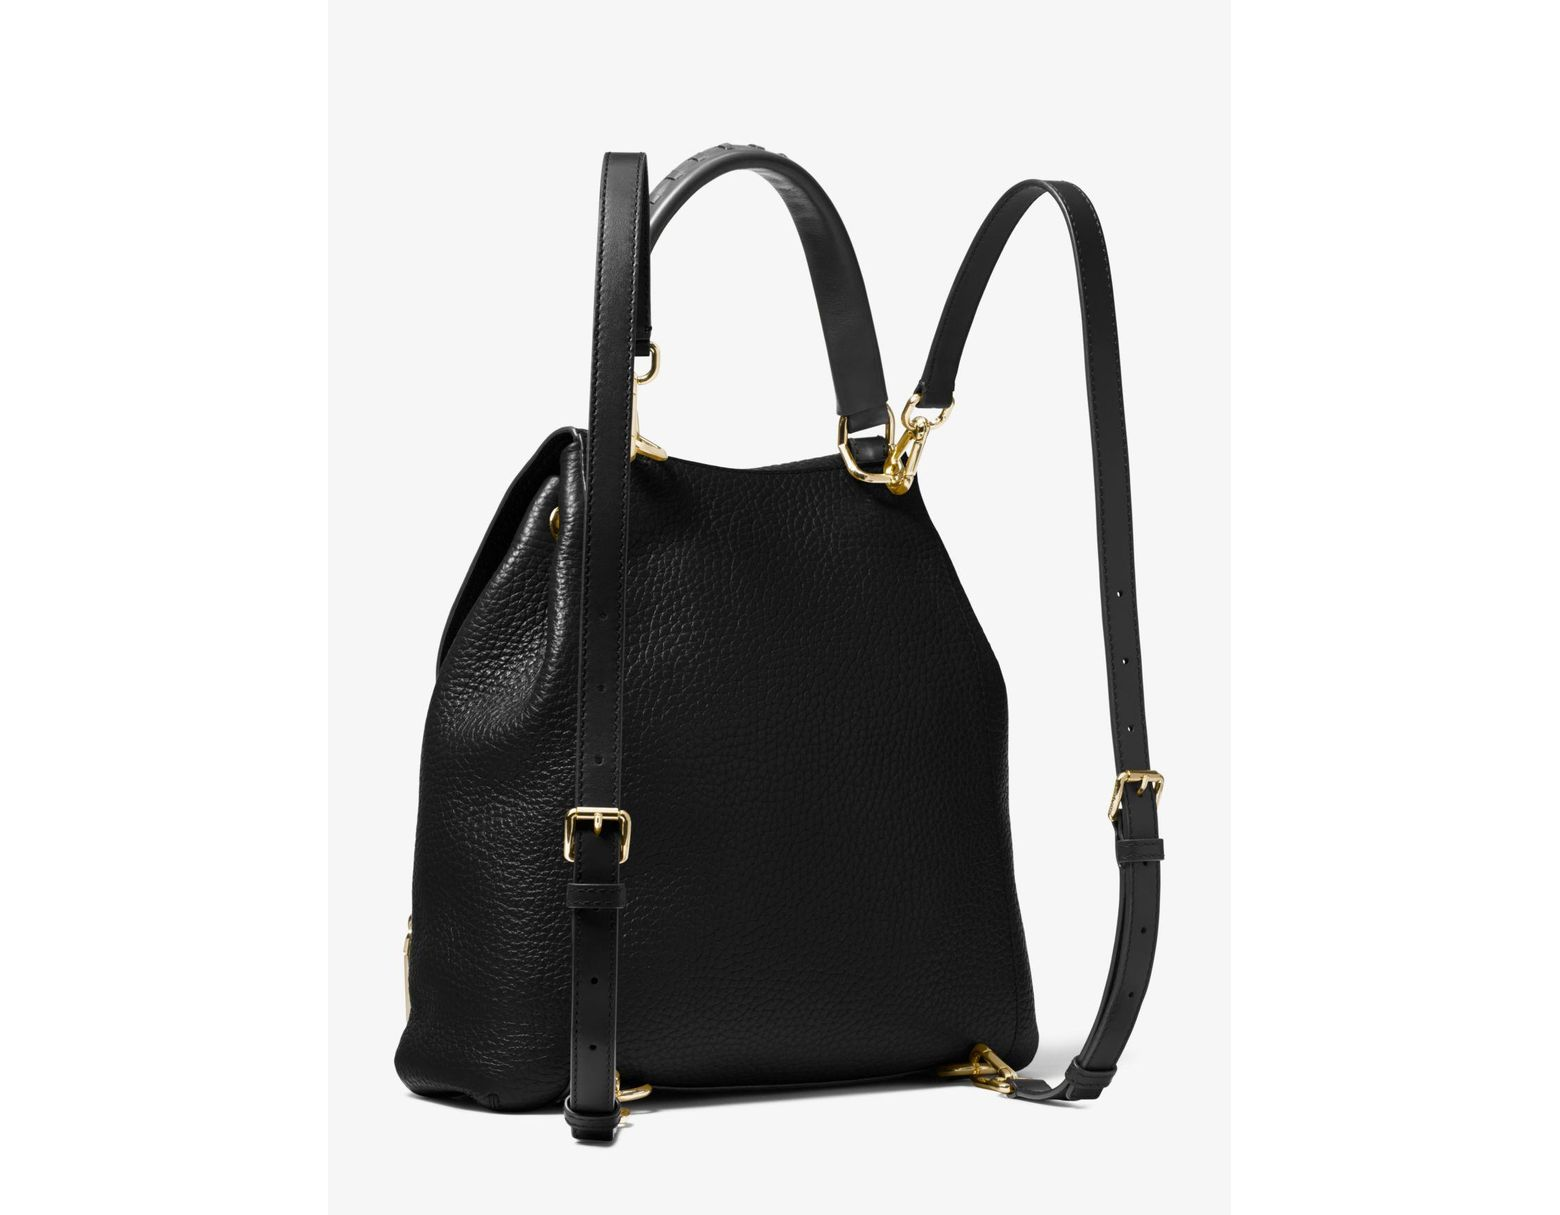 1aff4701ac98 MICHAEL Michael Kors Viv Large Backpack Bag in Black - Lyst